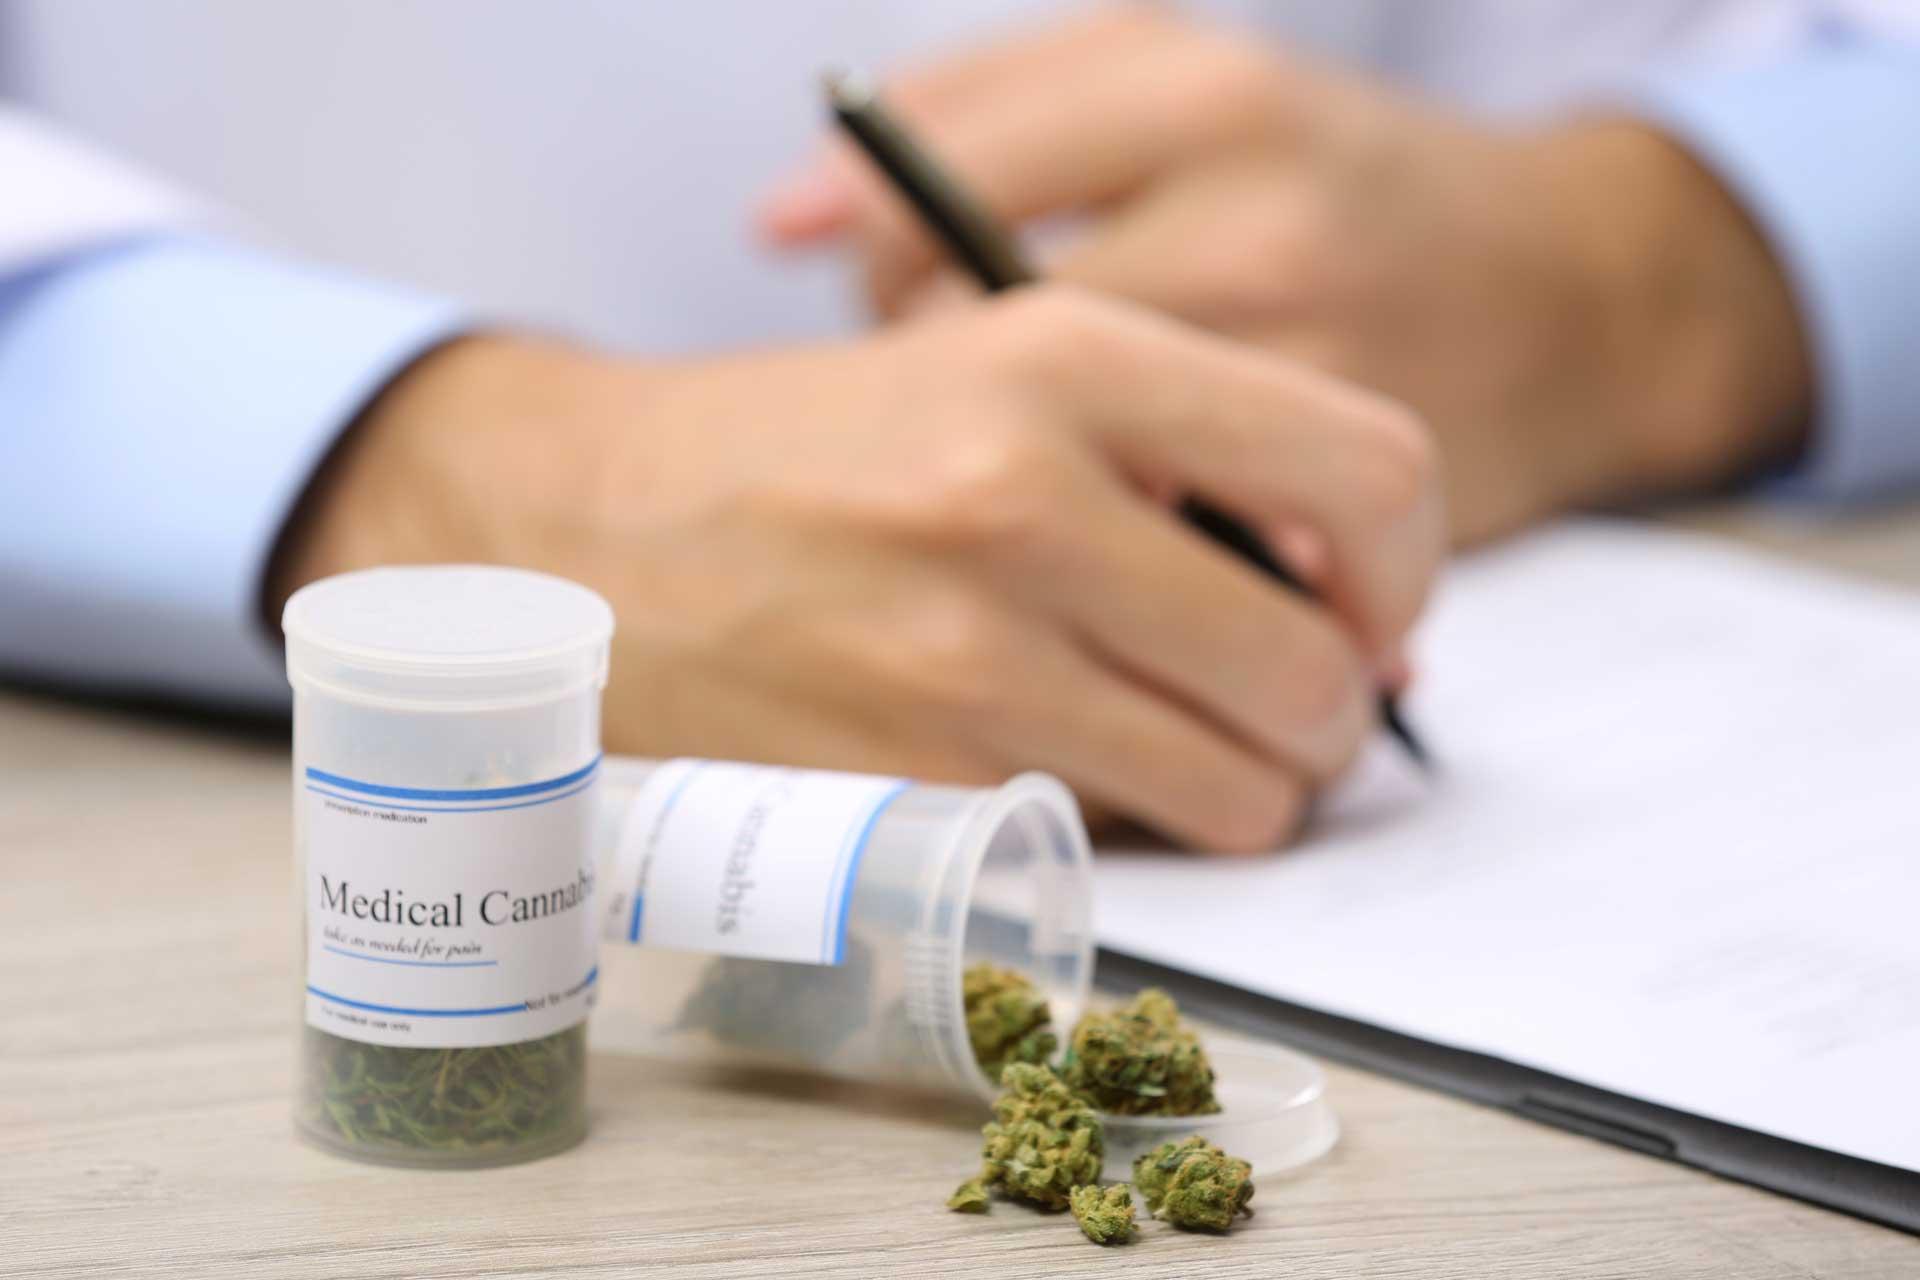 Betriebshaftpflichtversicherung-für-medizinischen-Cannabisanbau